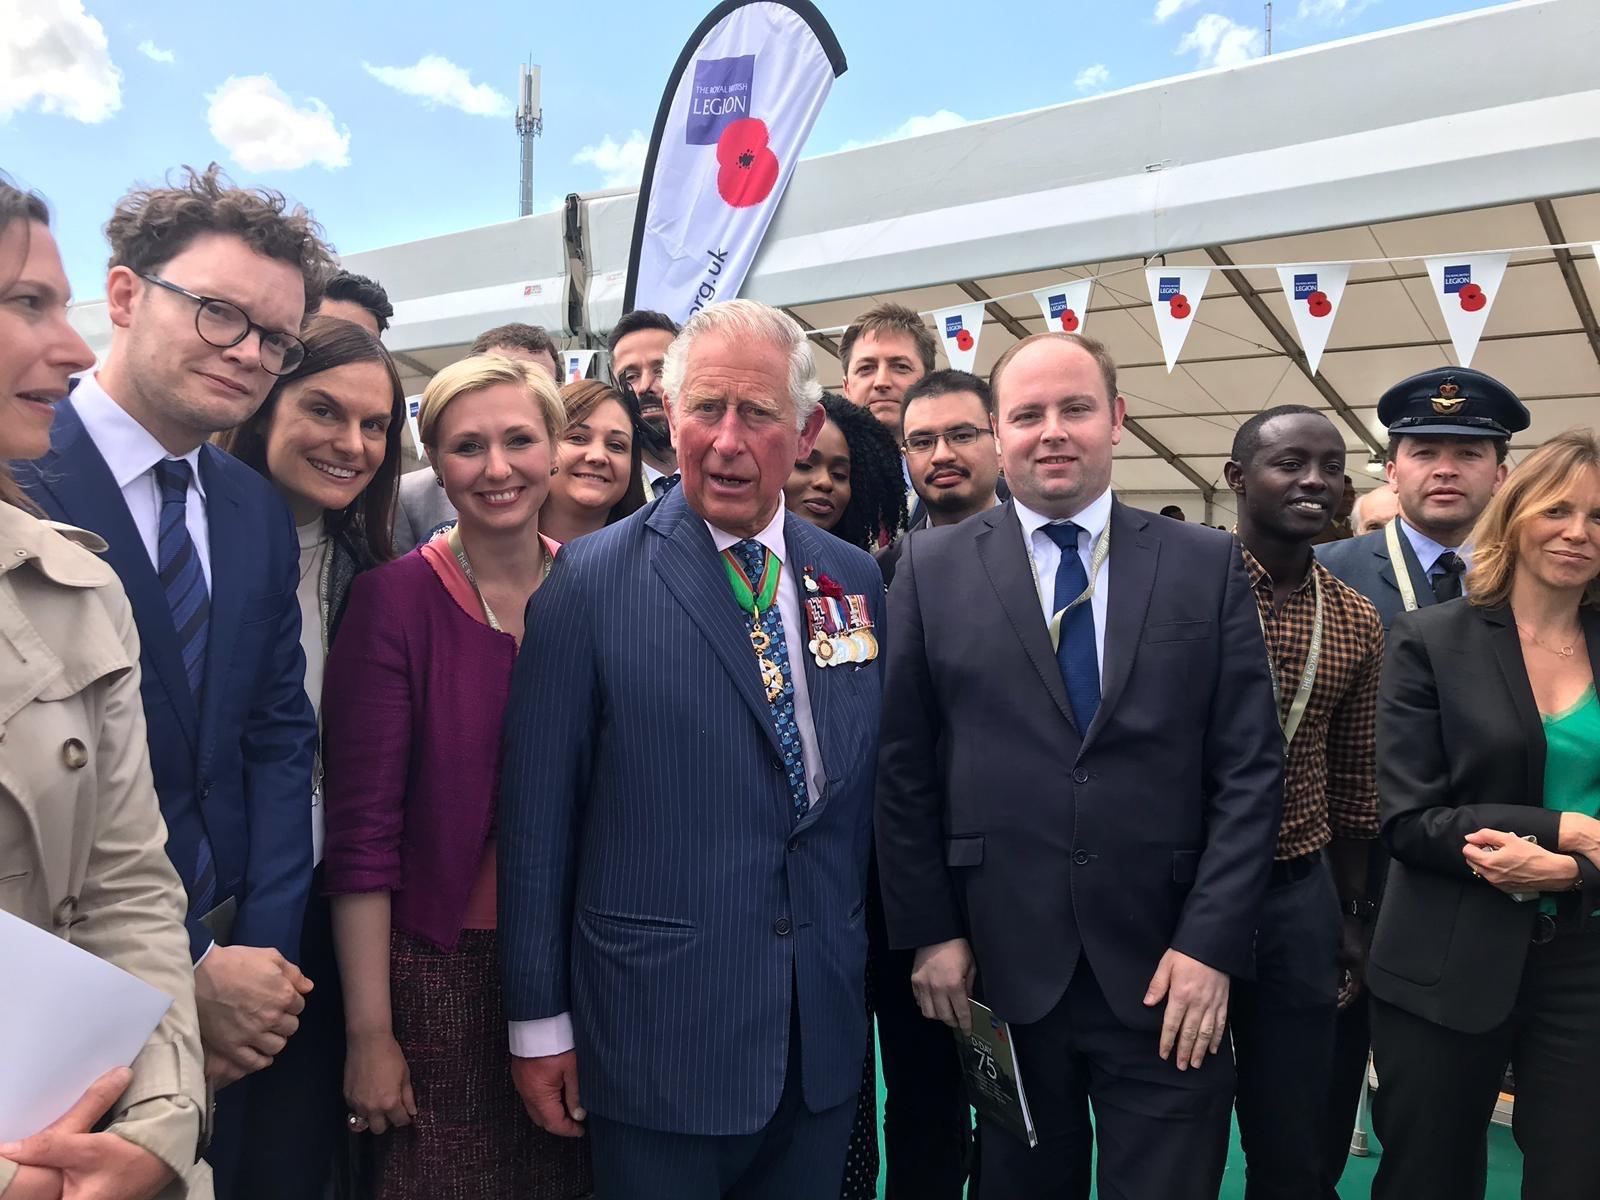 75th Anniversary of D-Day Commemorations in France / Commémorations du 75ème anniversaire du débarquement en France